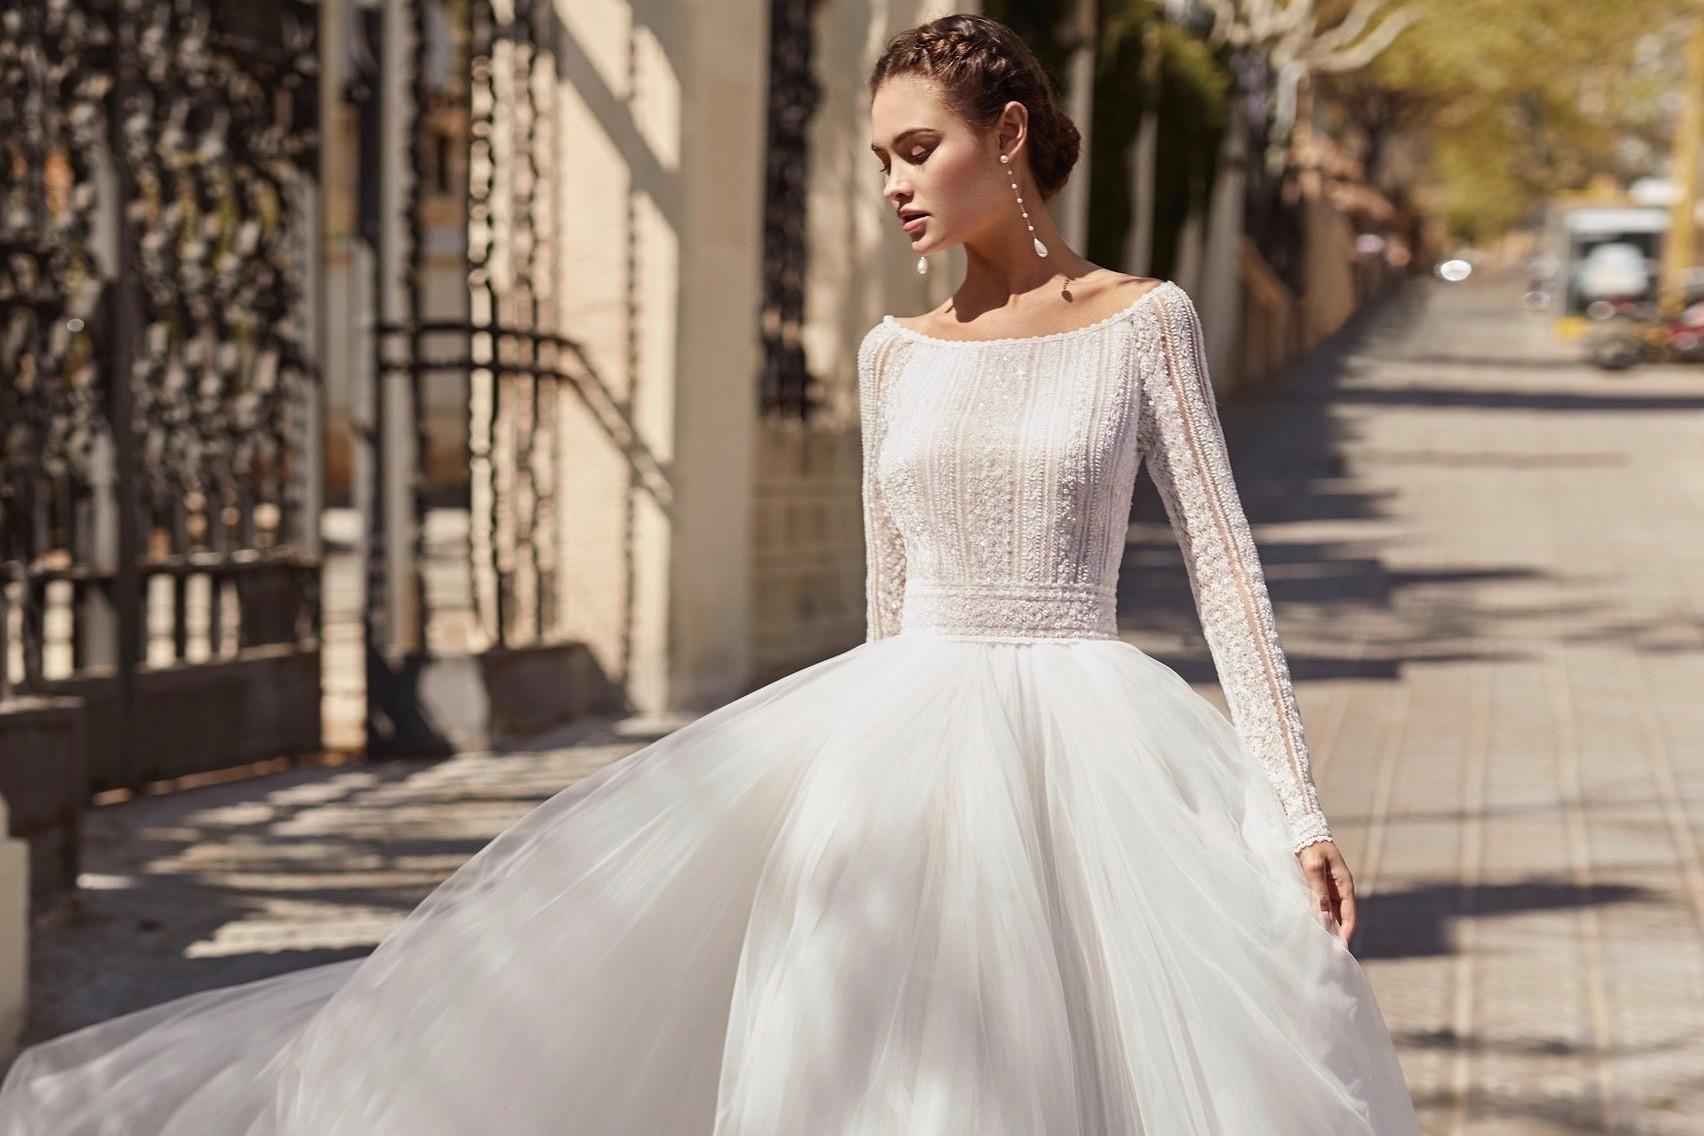 Brautkleider  Trends & Kollektionen  Für jede Figur und Typ